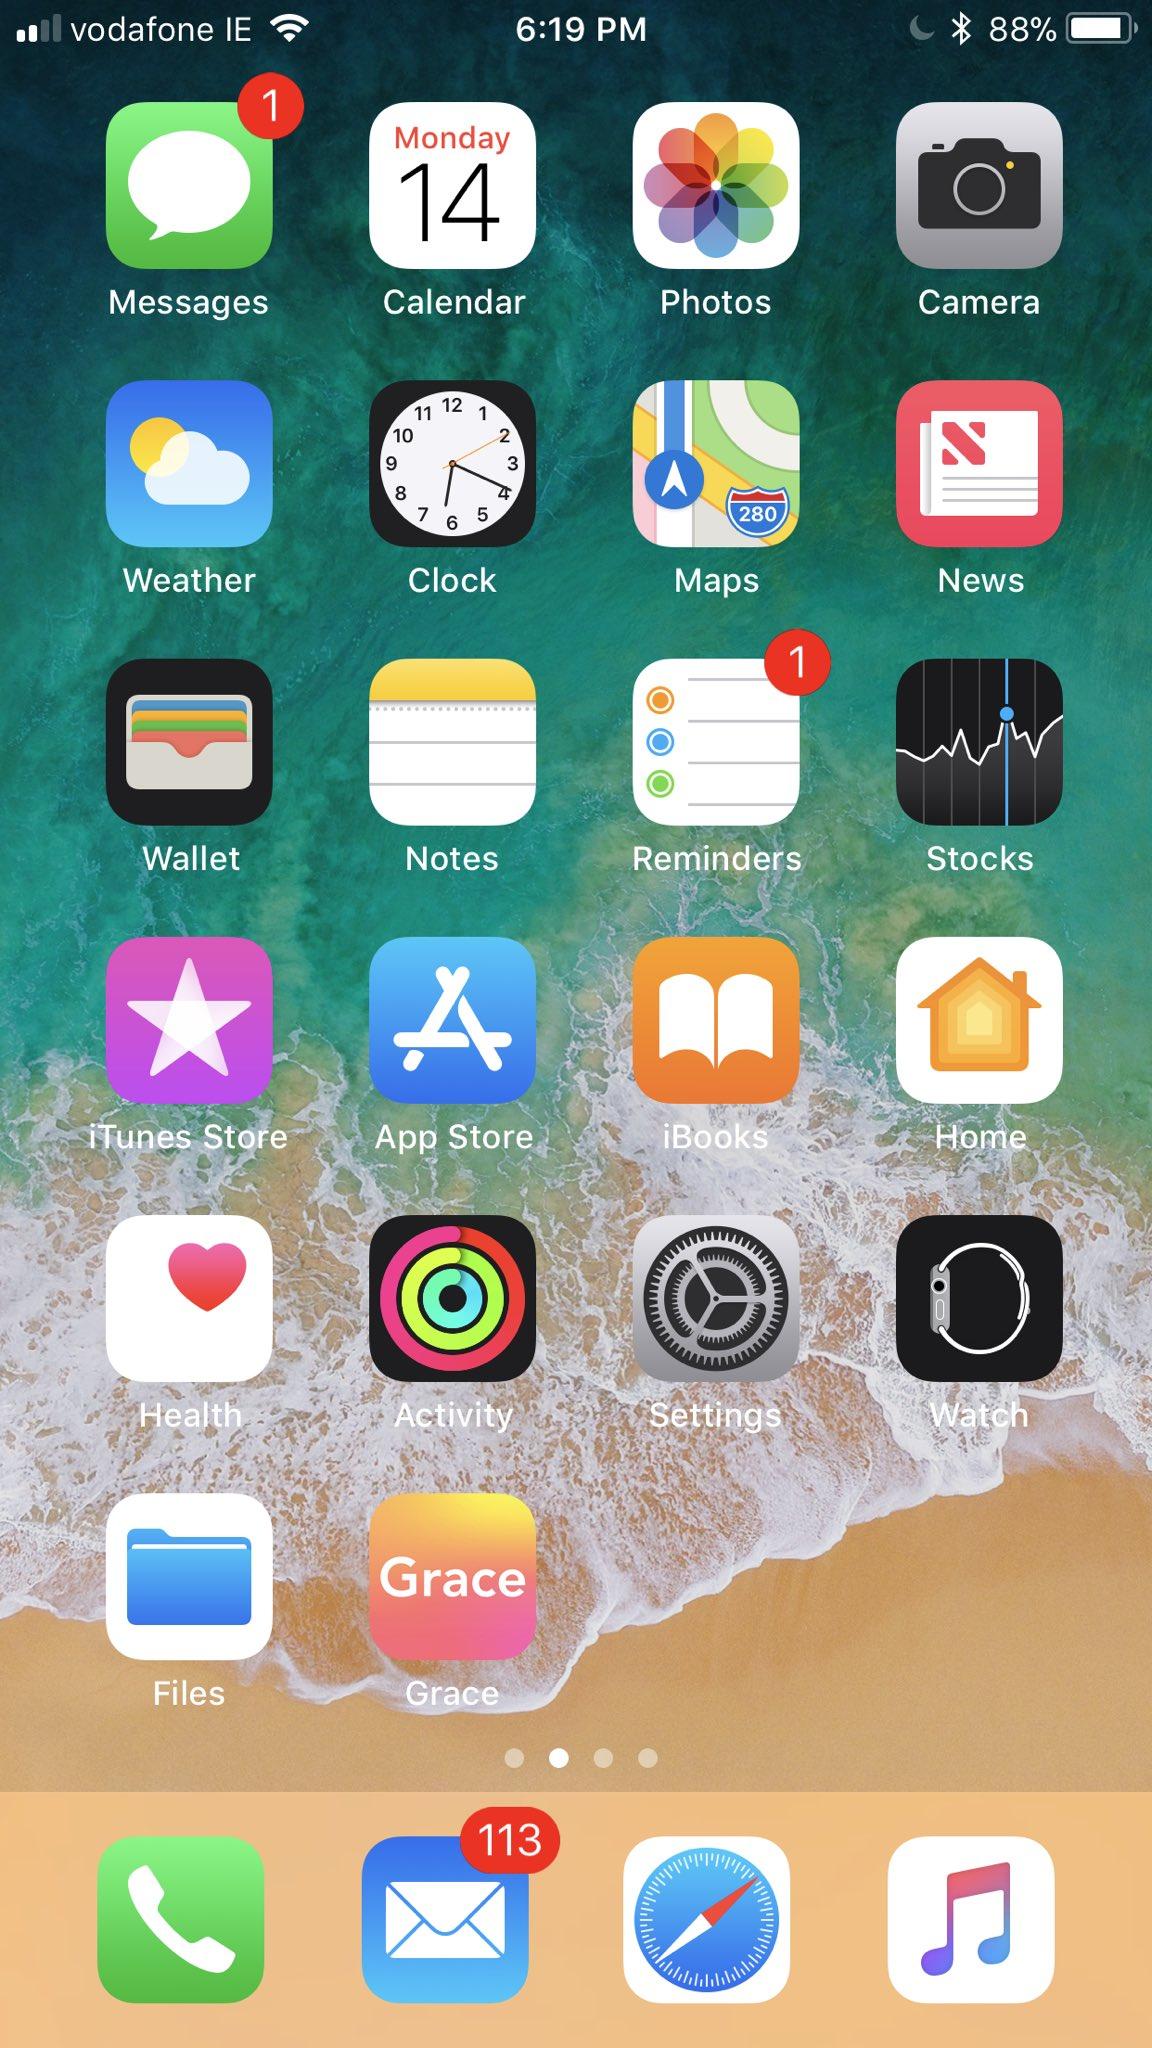 Nuevo icono de la App Store en iOS 11